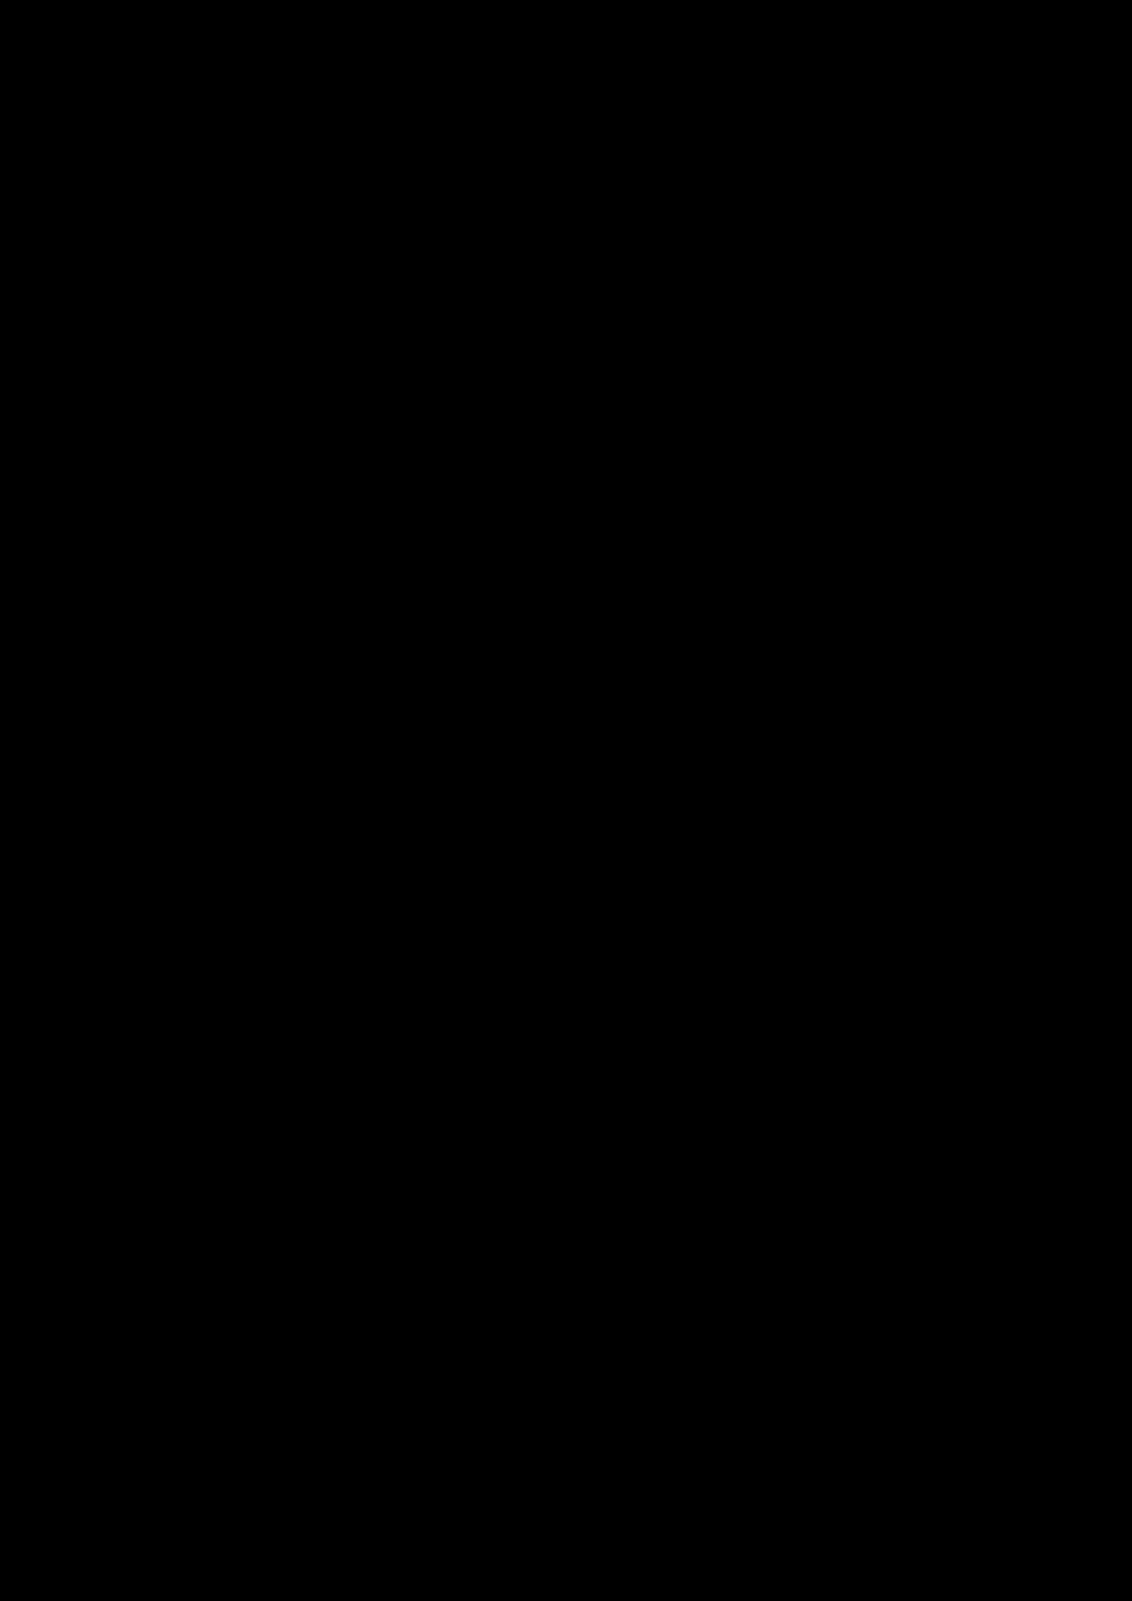 Prolog slide, Image 25